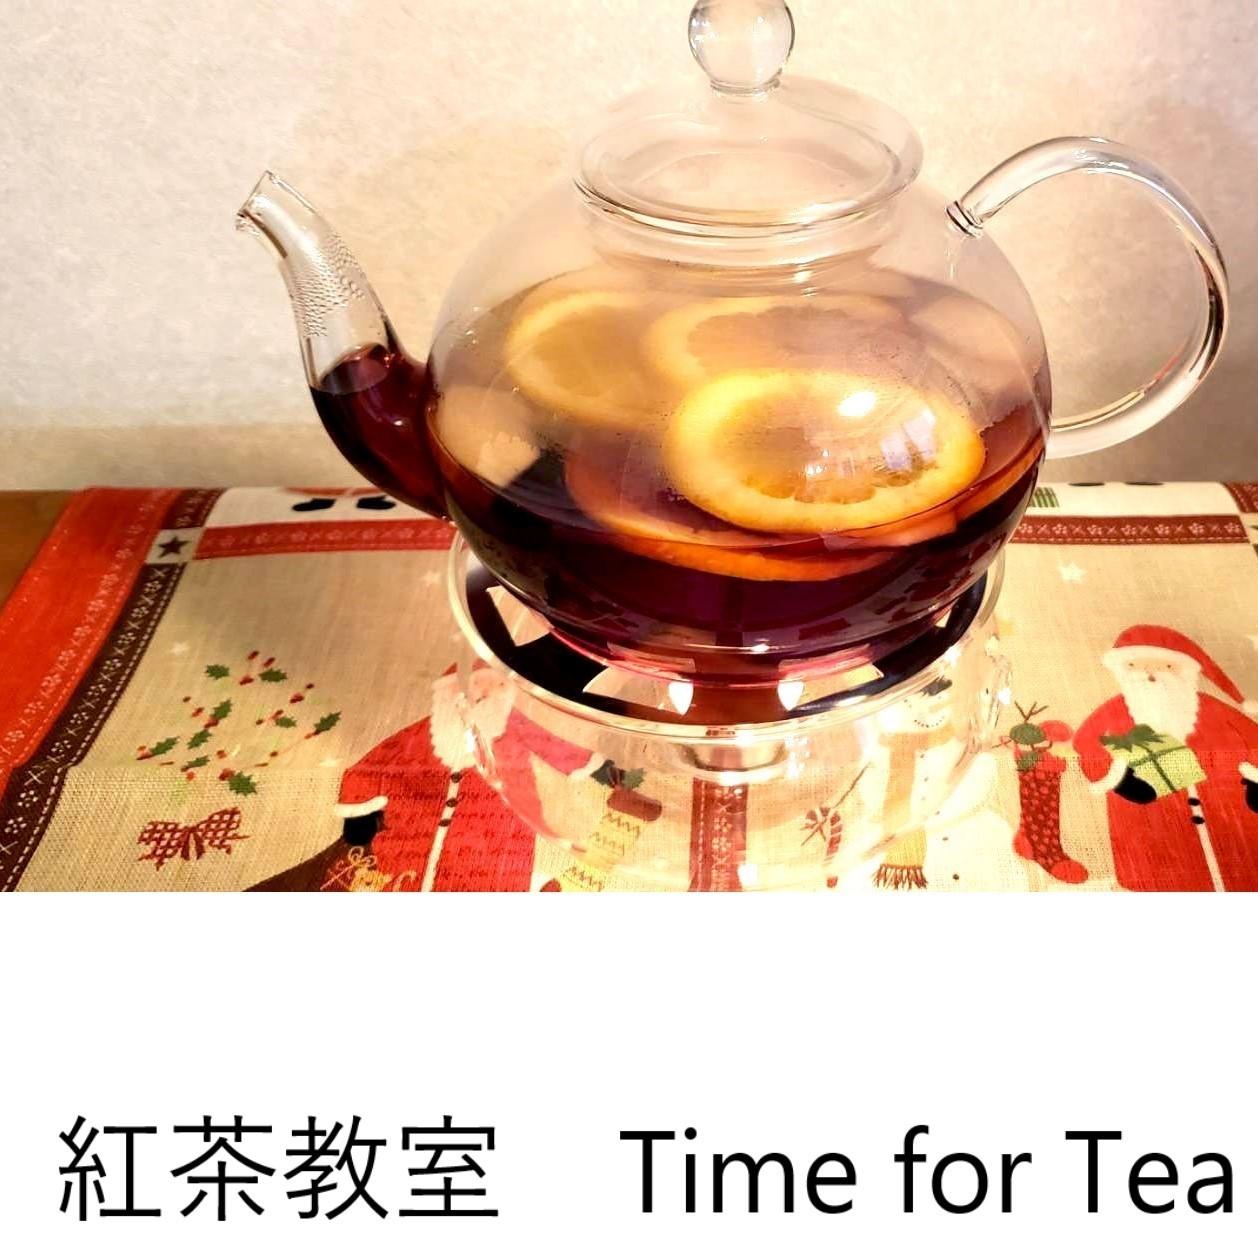 紅茶教室 Time for Tea